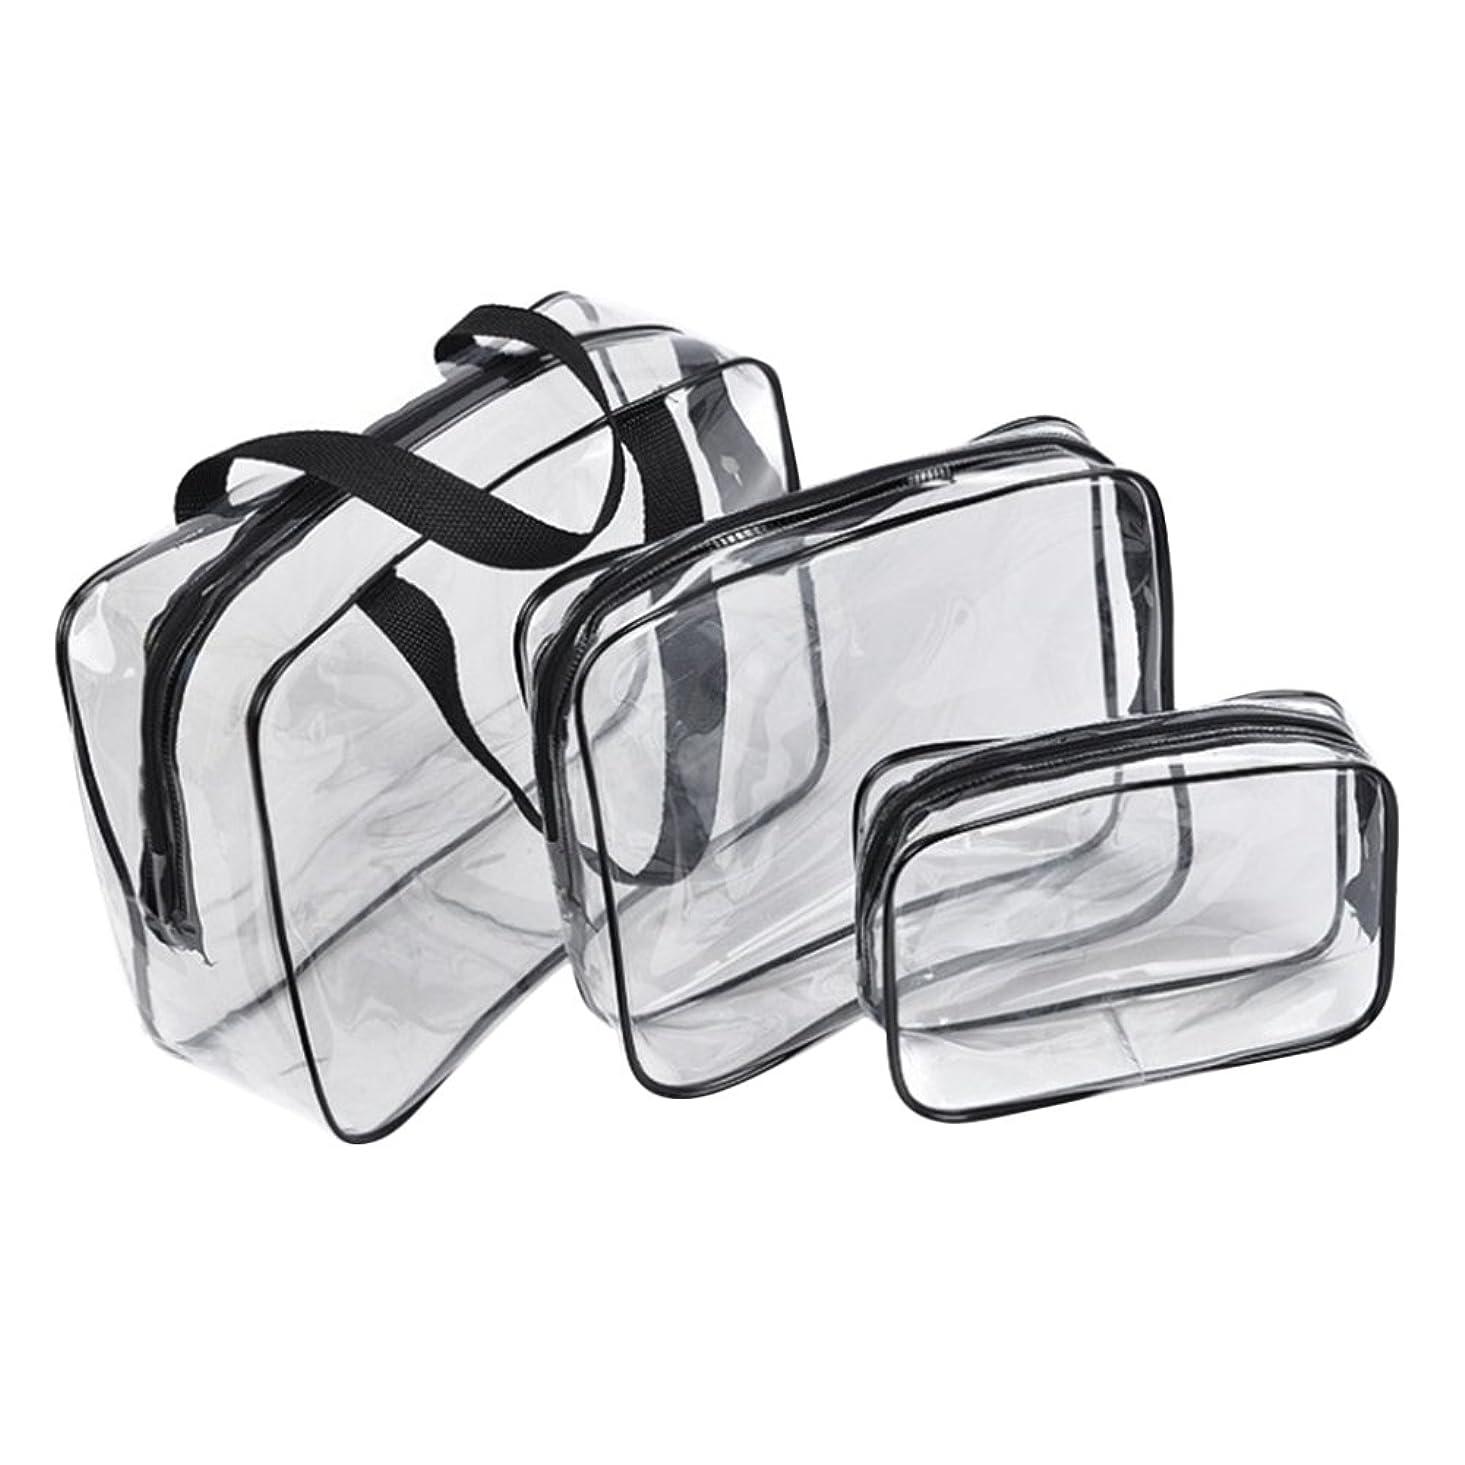 露出度の高いトロリー輪郭メークボックス ポーチ ビジネスバッグ 収納ボックス アクセサリー メーク 文房具 化粧品収納 透明 3個セット (ブラック)